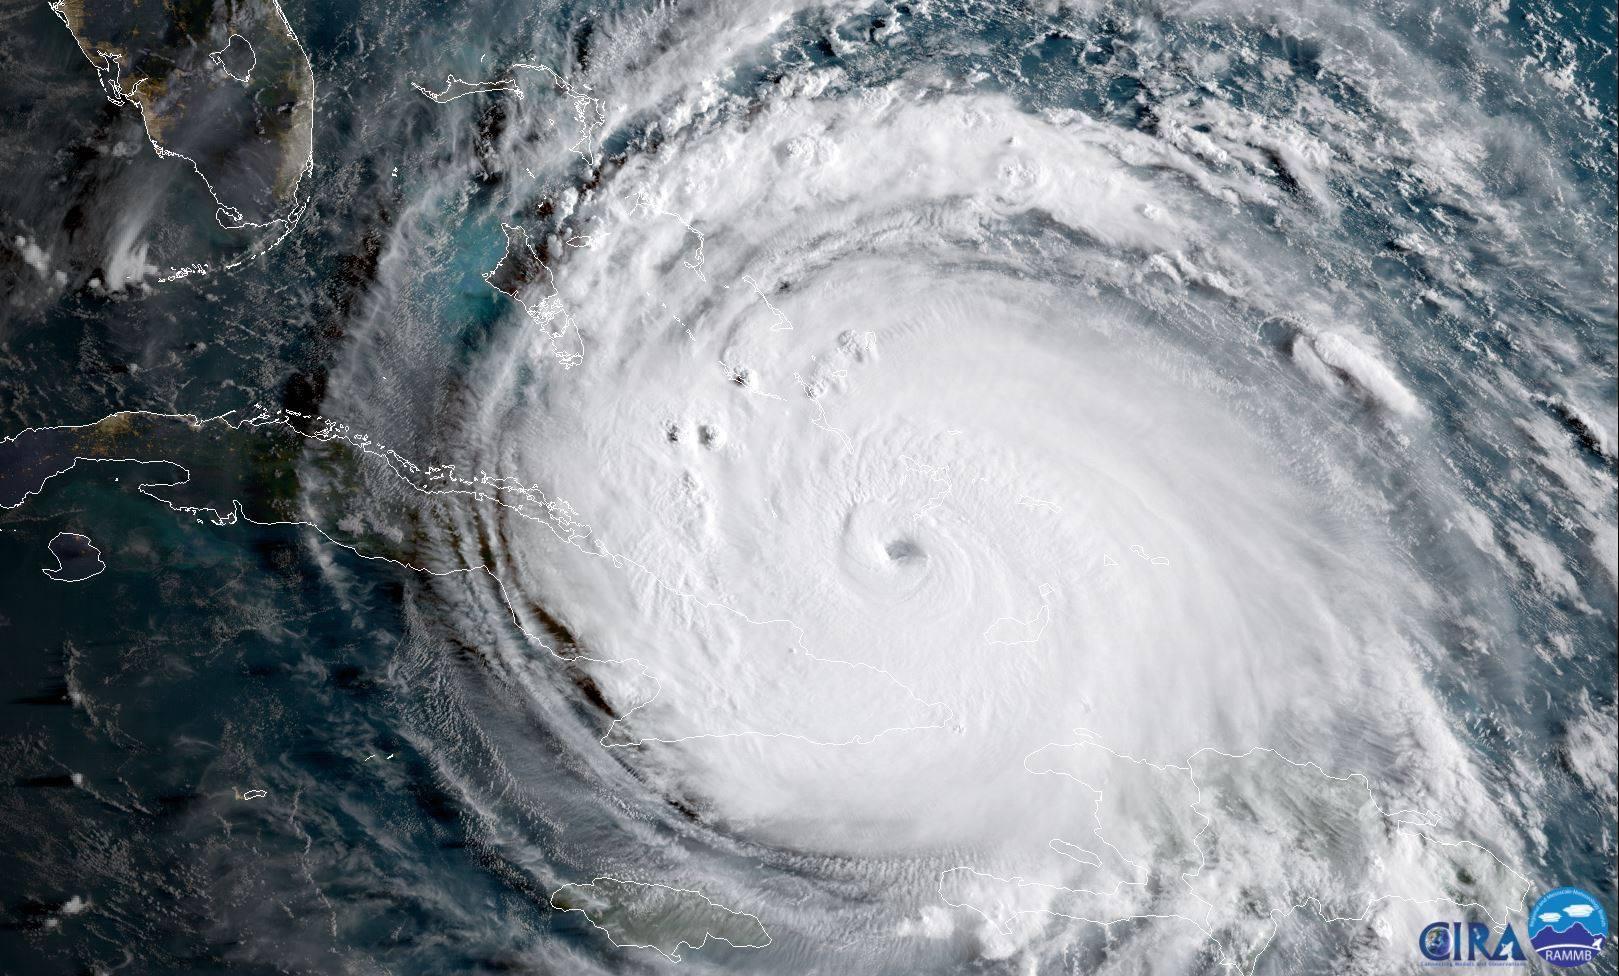 Satellite image of Hurricane IRMA (Credit: NOAA/CIRA)